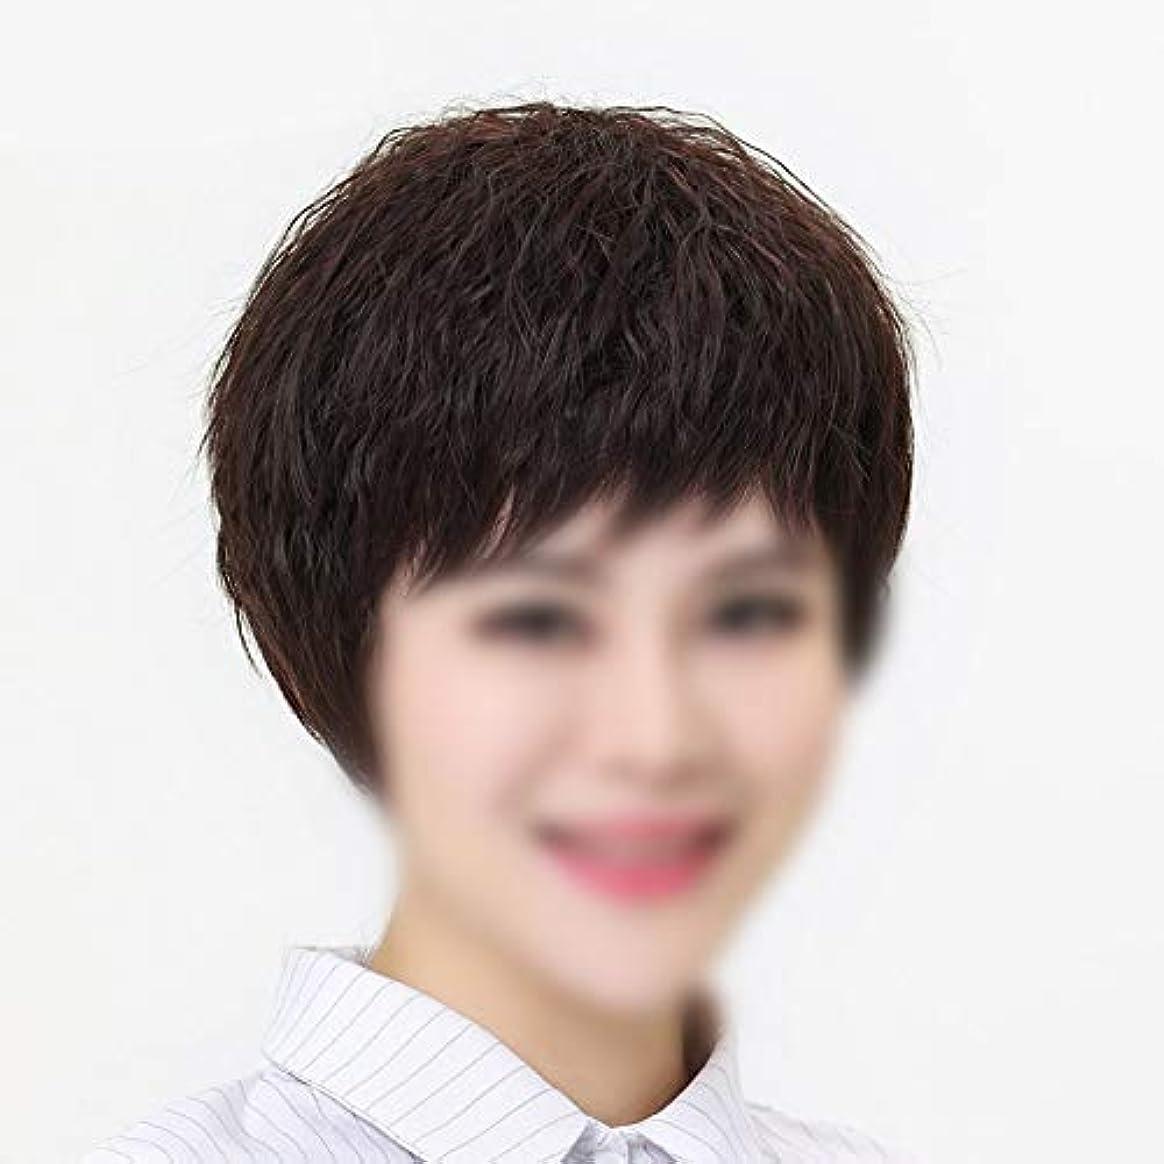 郊外物理学者眠るYOUQIU 女性のかつらのためにボブショートストレートヘアナチュラルヘアエクステンションリアルタイム毛ウィッグ (色 : Dark brown, サイズ : Mechanism)